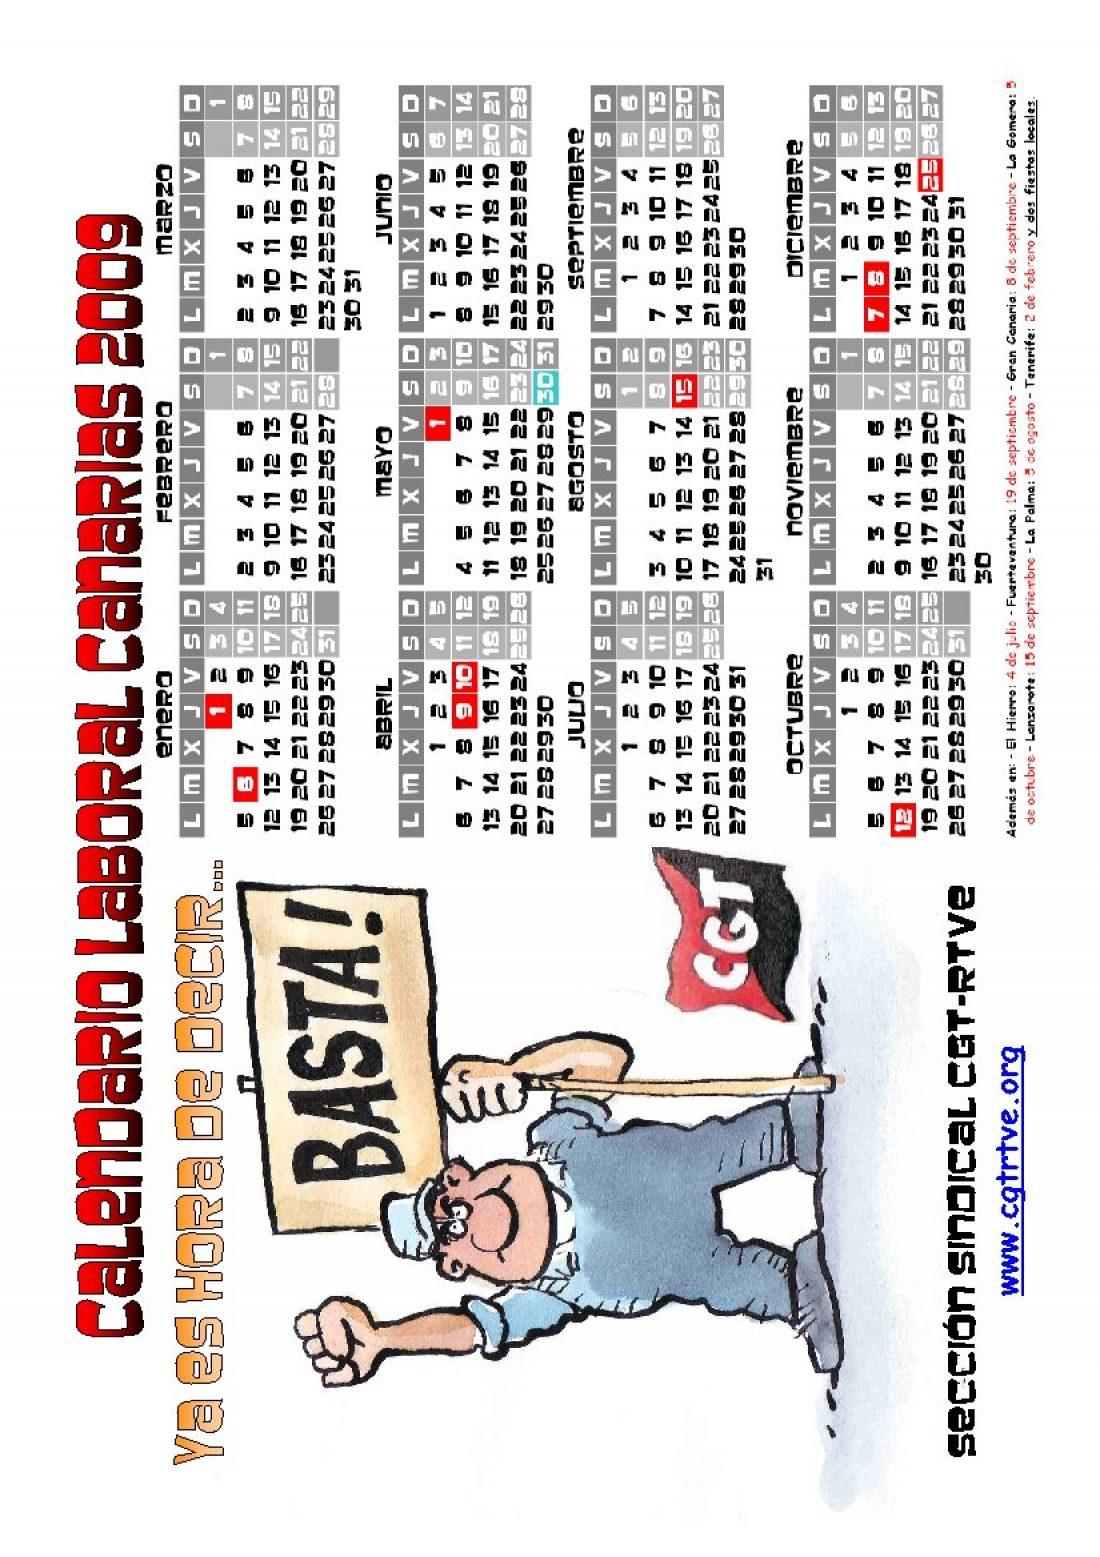 PDF cegetero del Calendario Laboral 2009 de las Islas Canarias